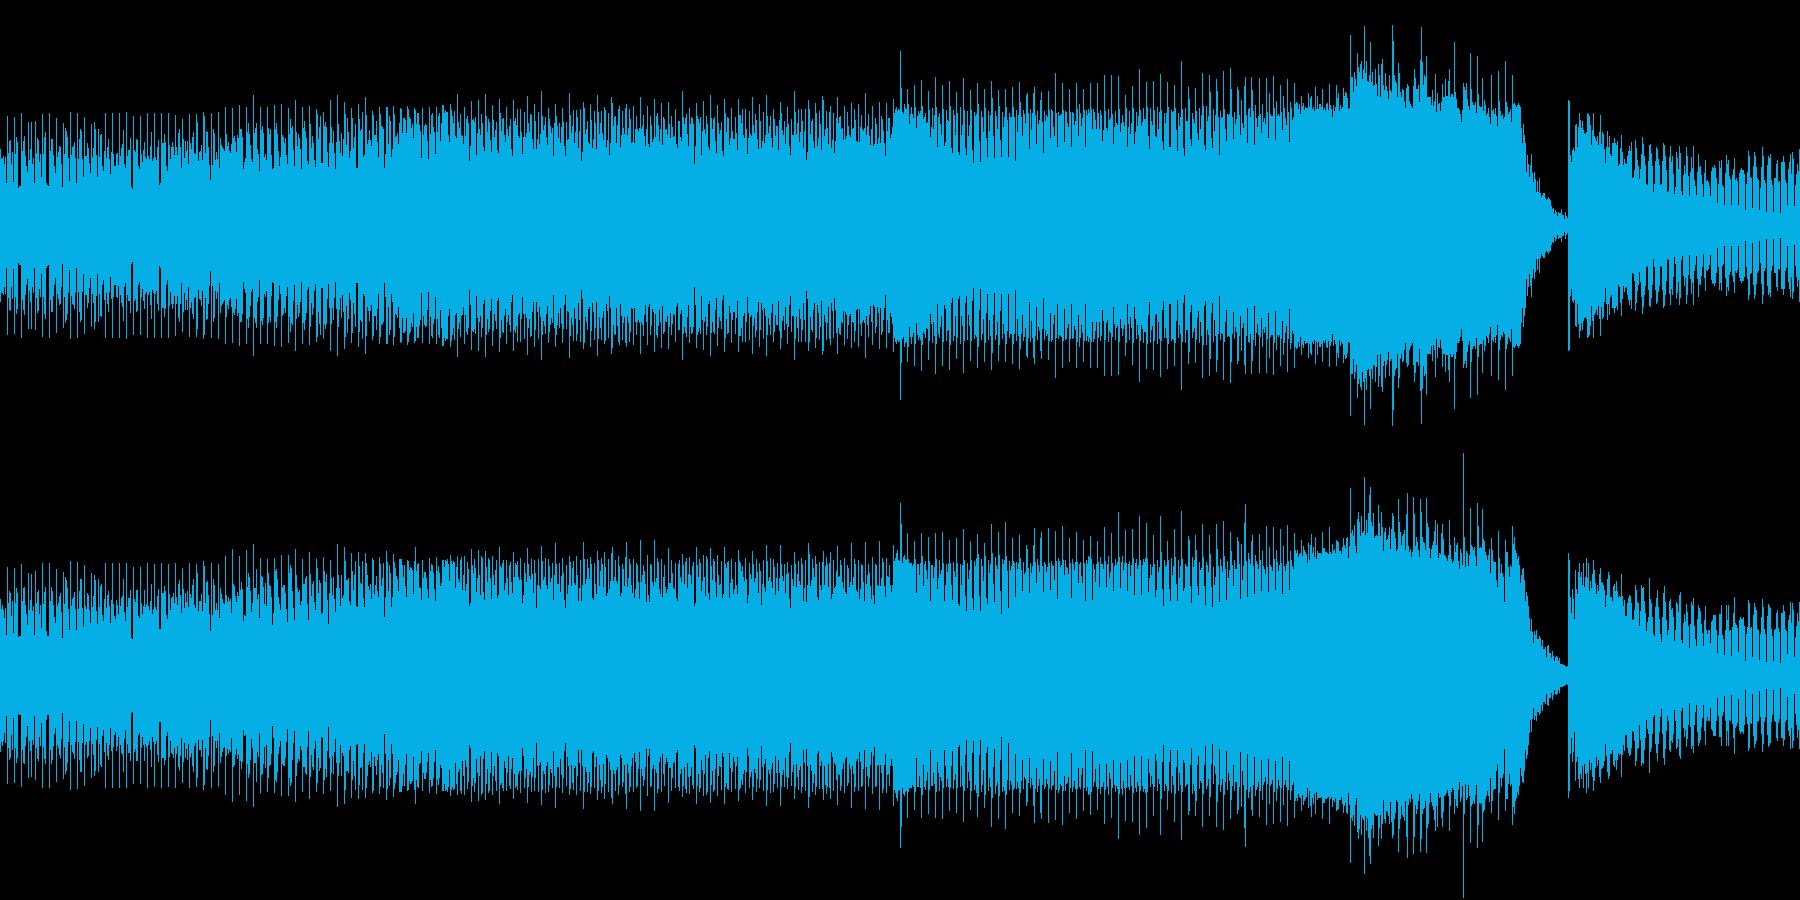 ニュース 報道 事件 EDM 迷走ループの再生済みの波形